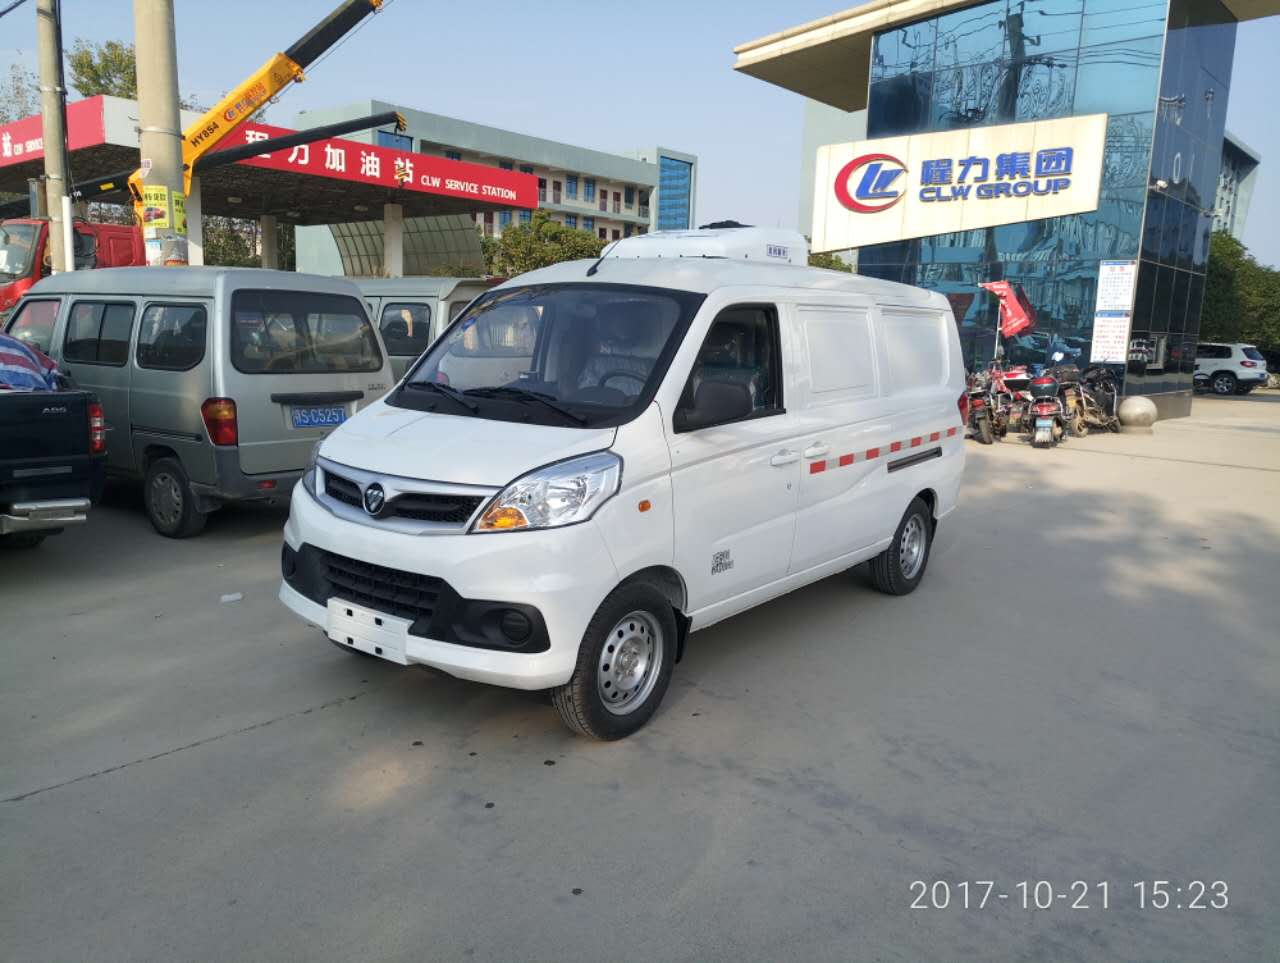 福田伽途IX5面包冷藏车-伽途IX5面包冷藏车价格